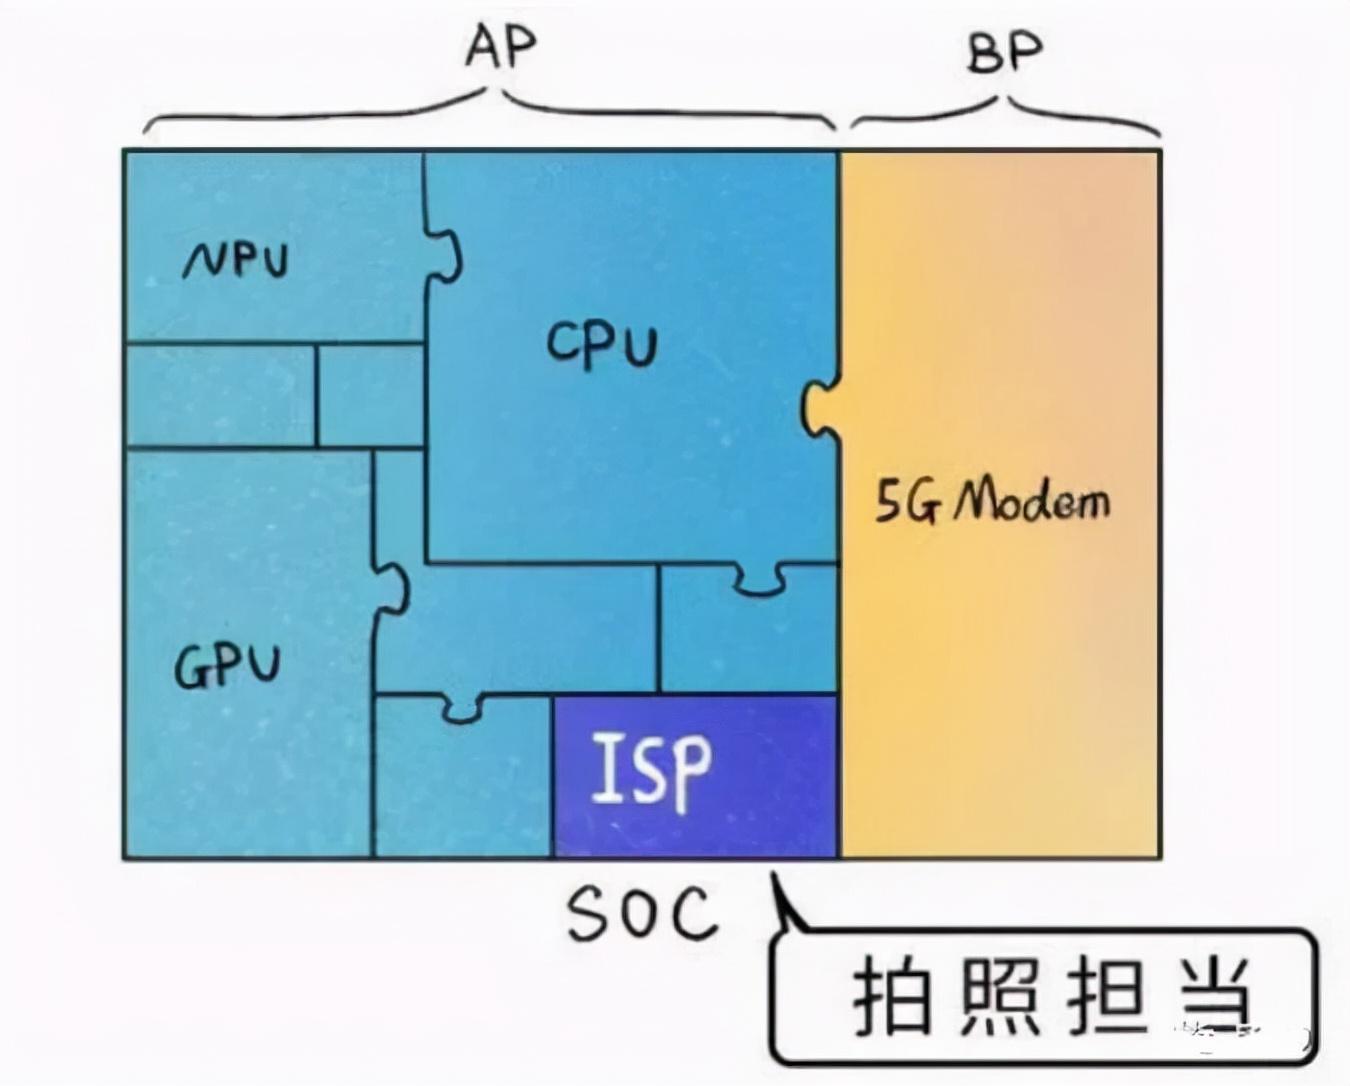 国产机的拍照大赛:从算法、到CMOS,再到自研ISP芯片